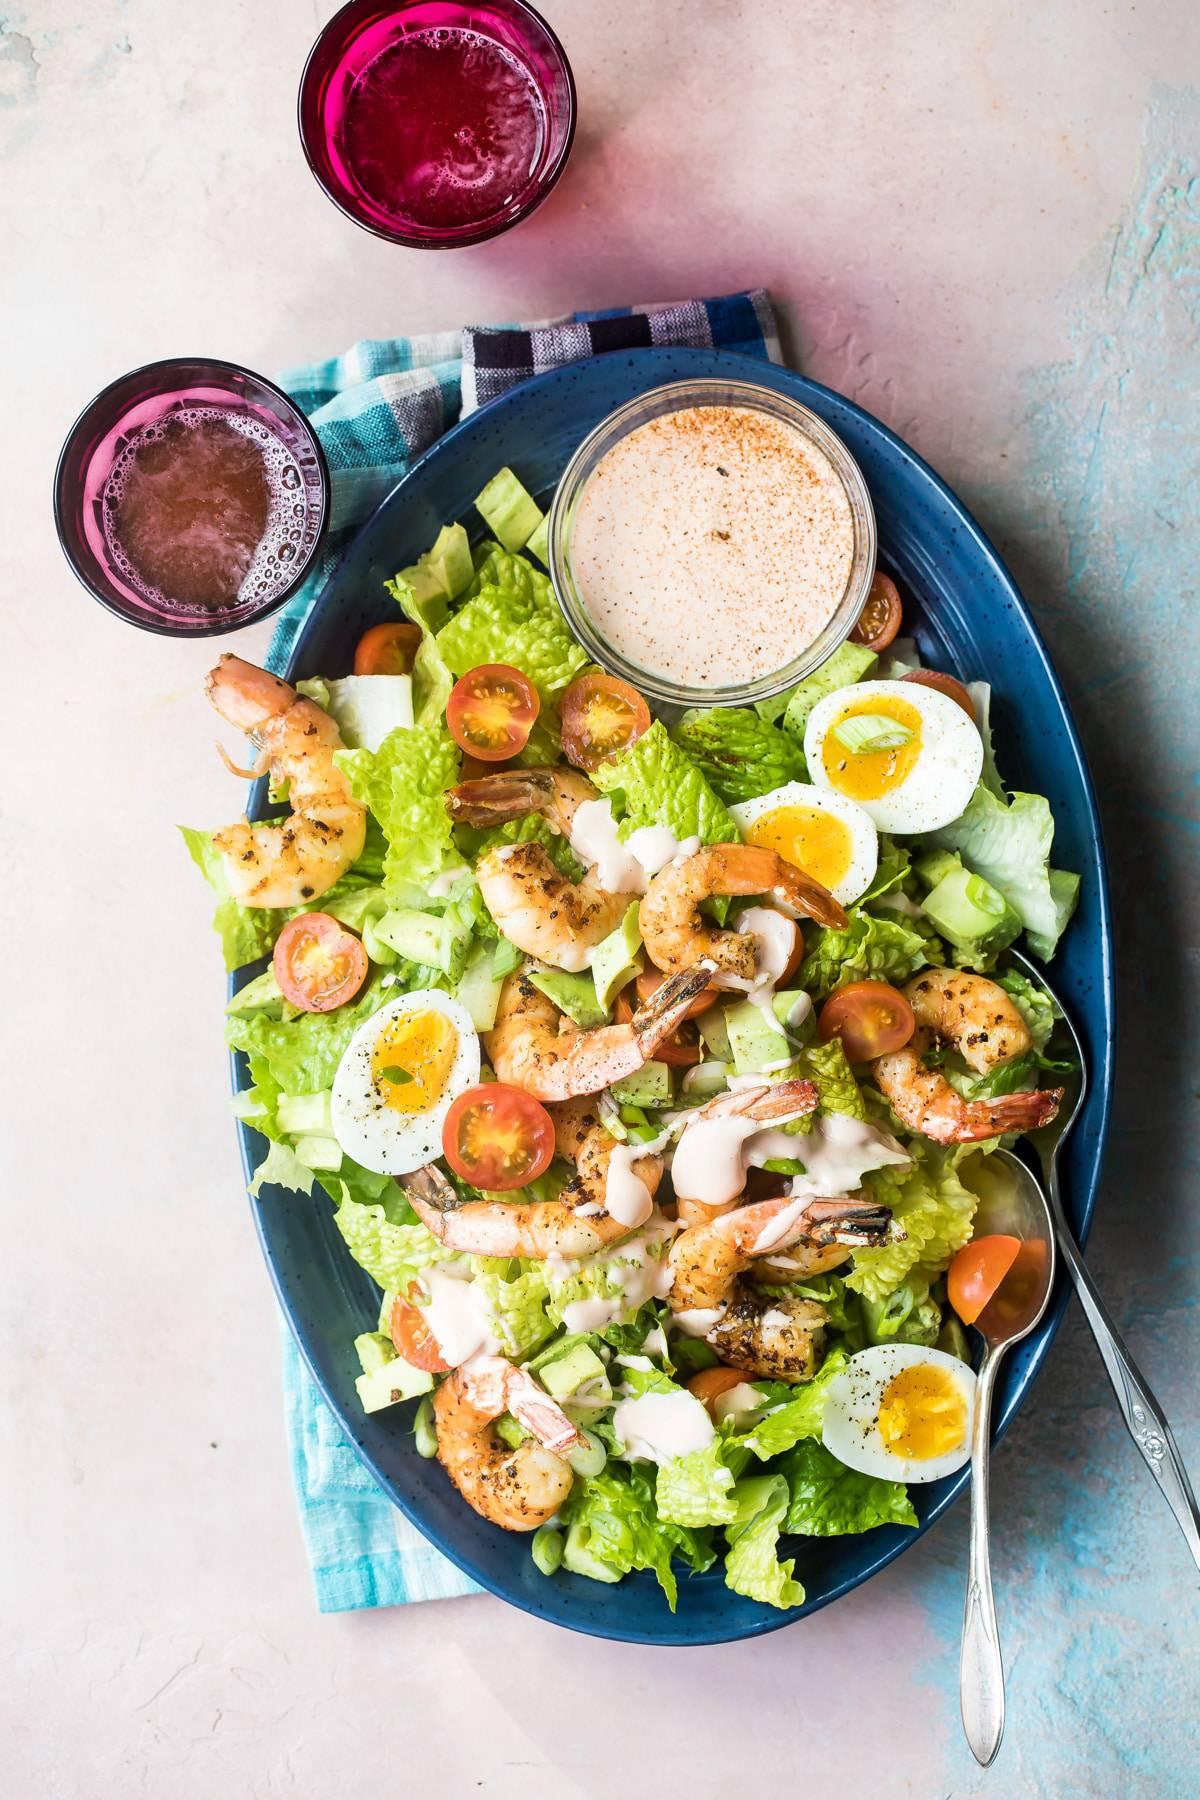 shrimp louie salad on a plate